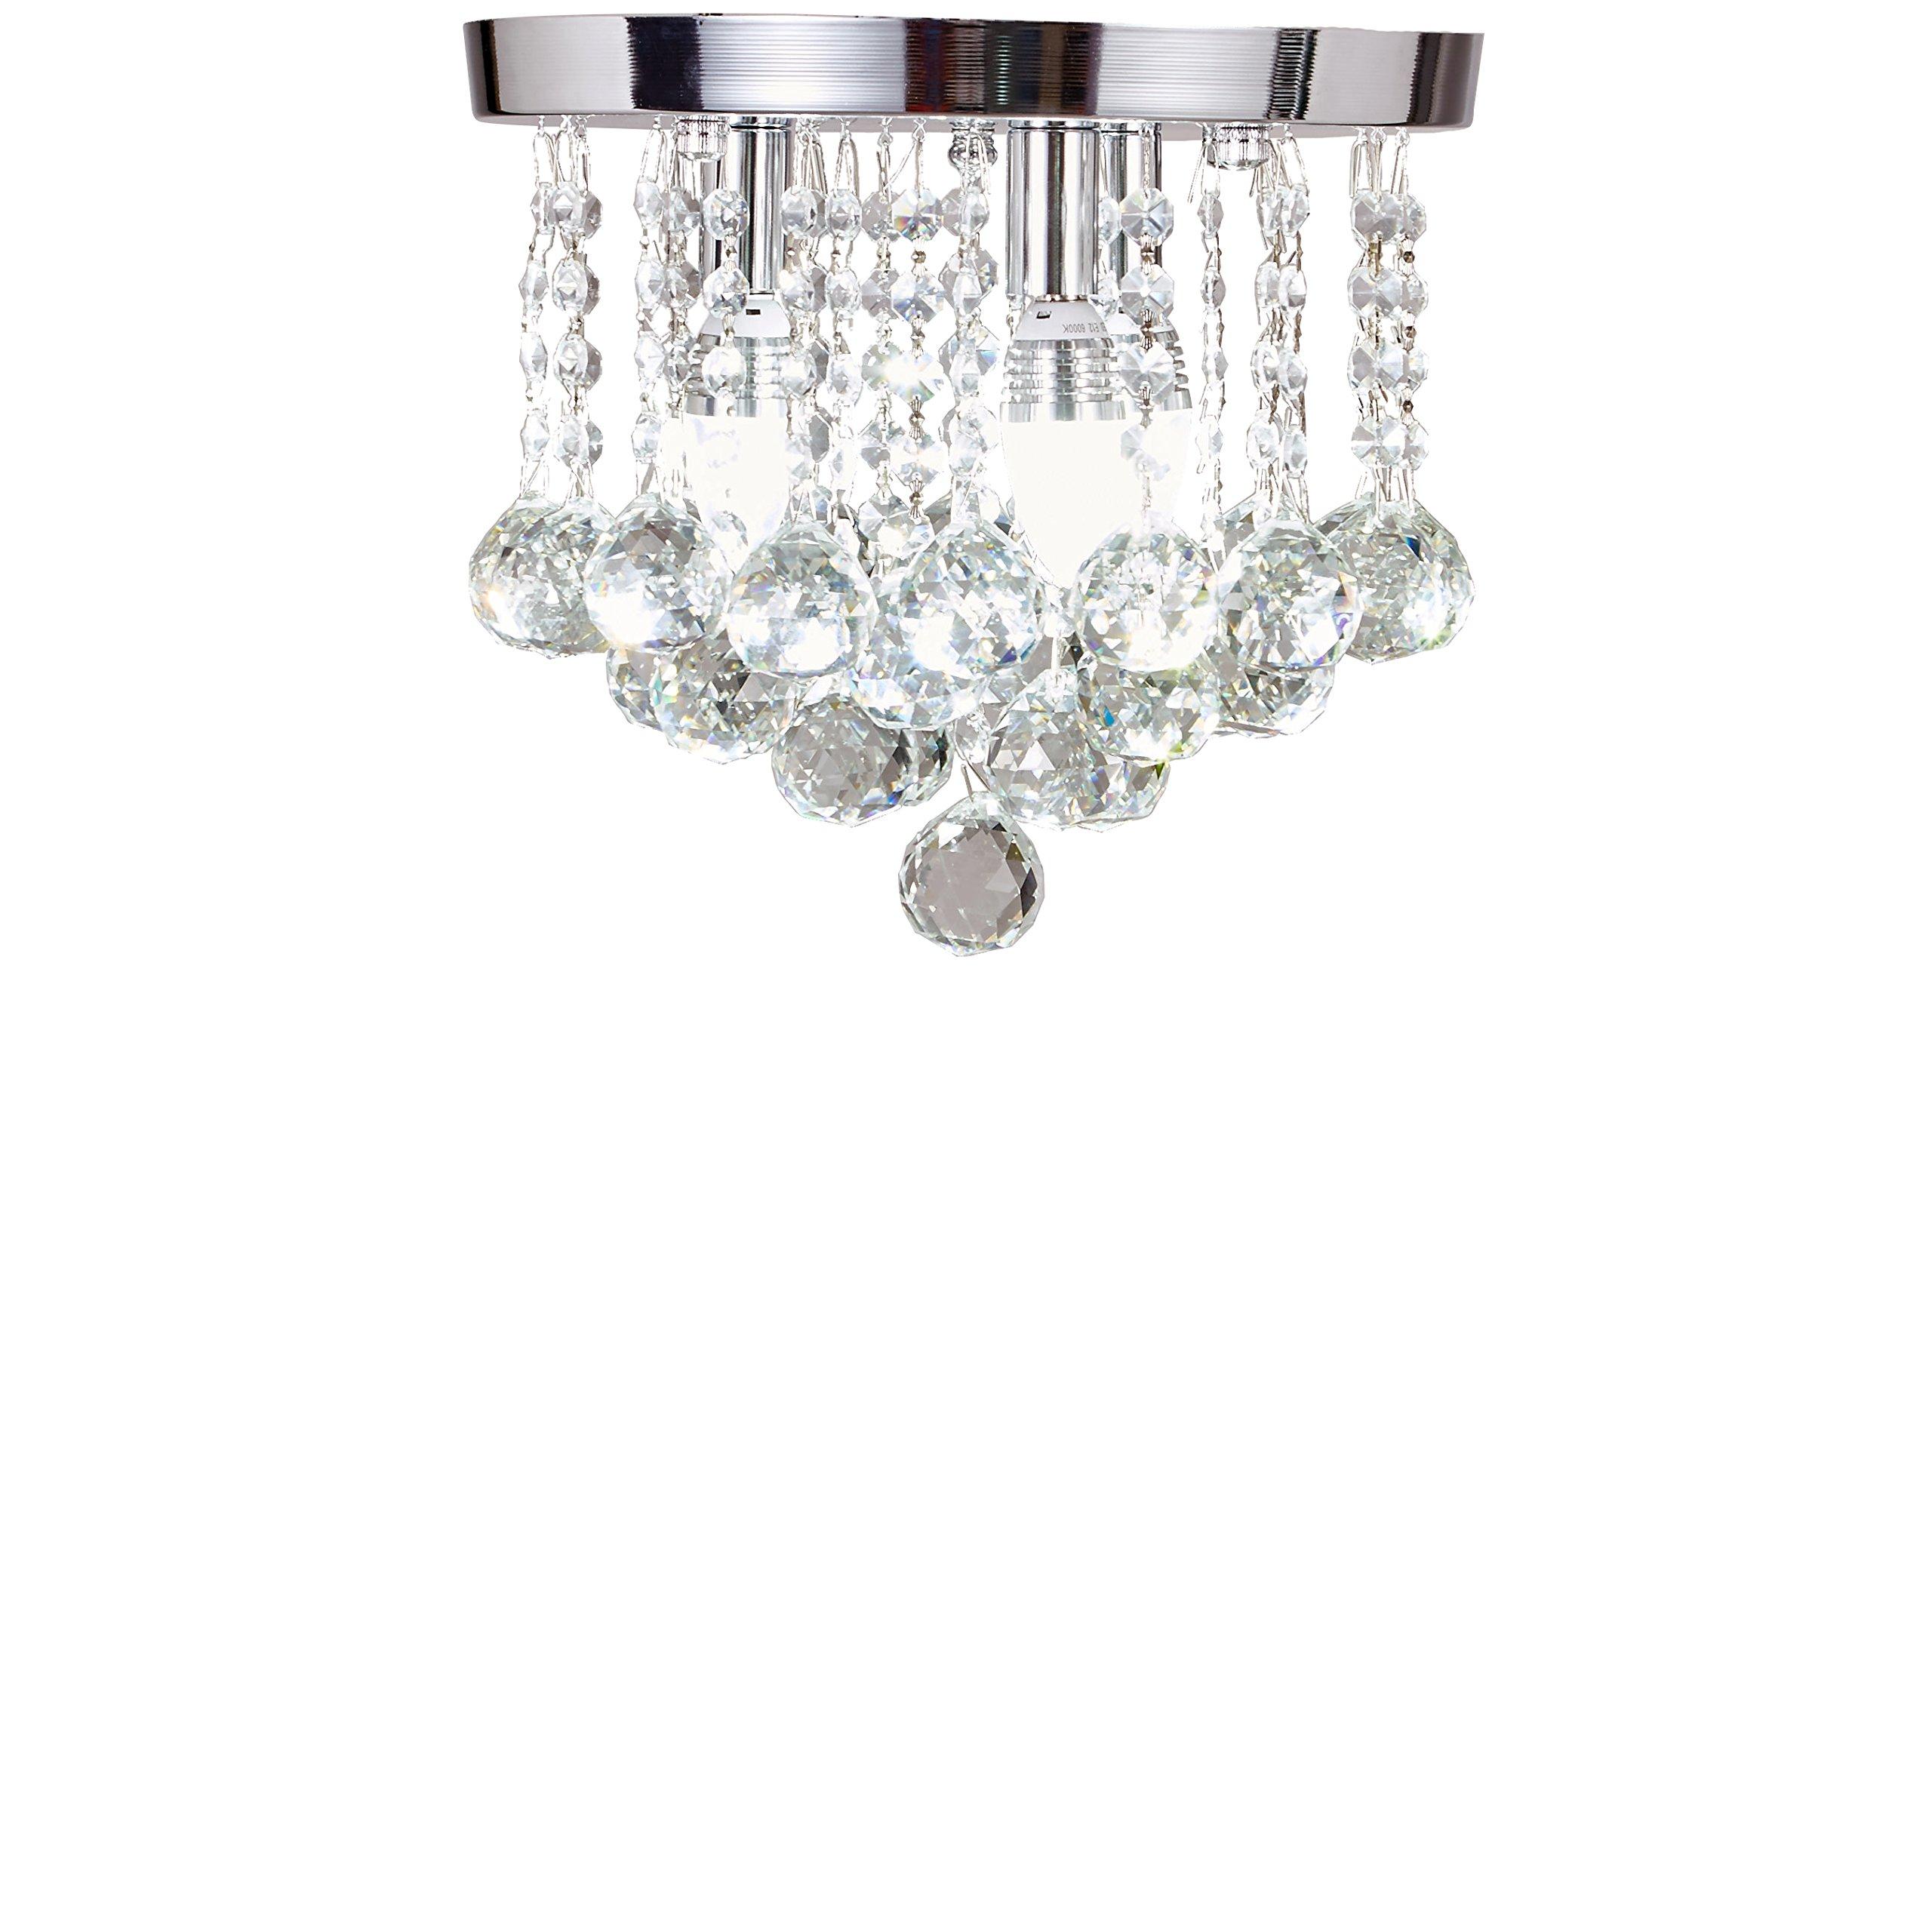 SwanHouse Flush Mount Ceiling Lighting Fixture, Silver Color, KKP-X-3L-S W12 x H11